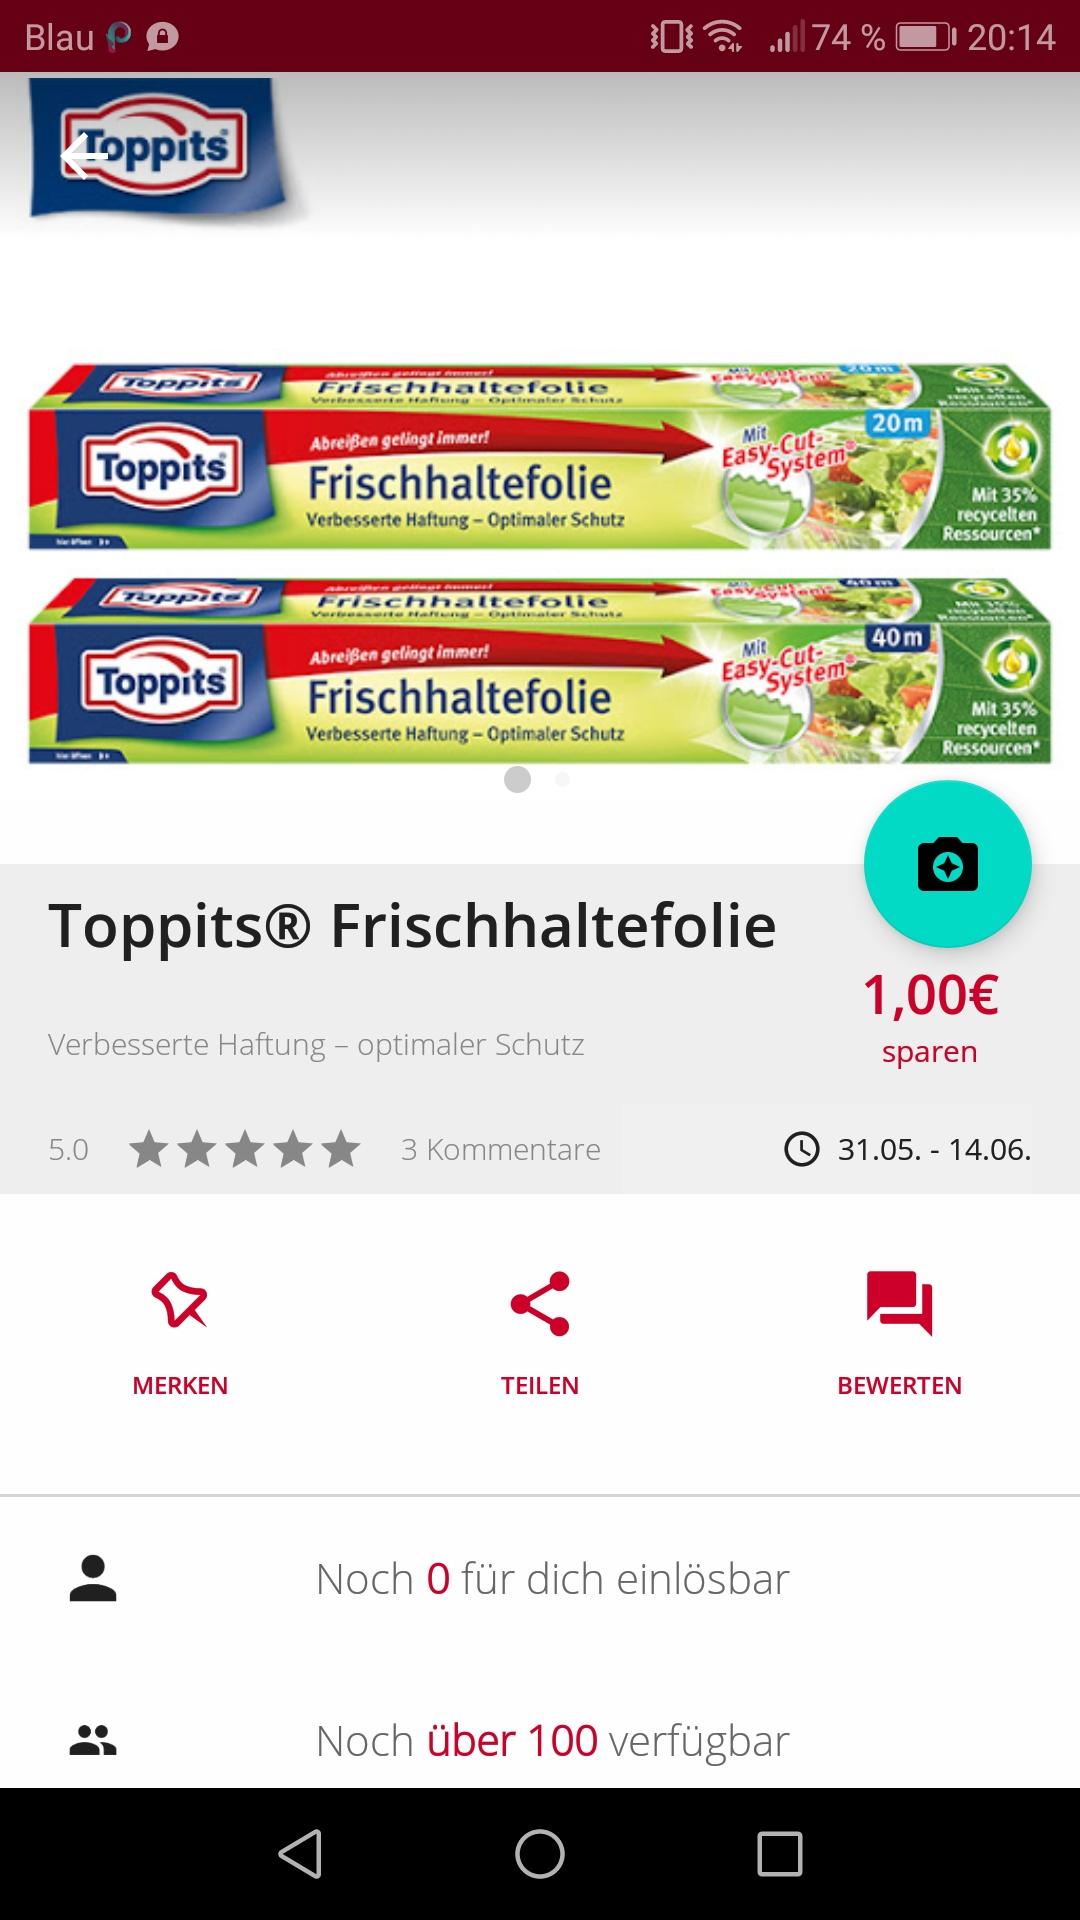 [Scondoo] [Kochbar] Toppits Frischhaltefolie für 0,45€ - ggf. Freebie mit Gewinn mögl. - Dank je 1€ Cashback bei Scondoo+Kochbar